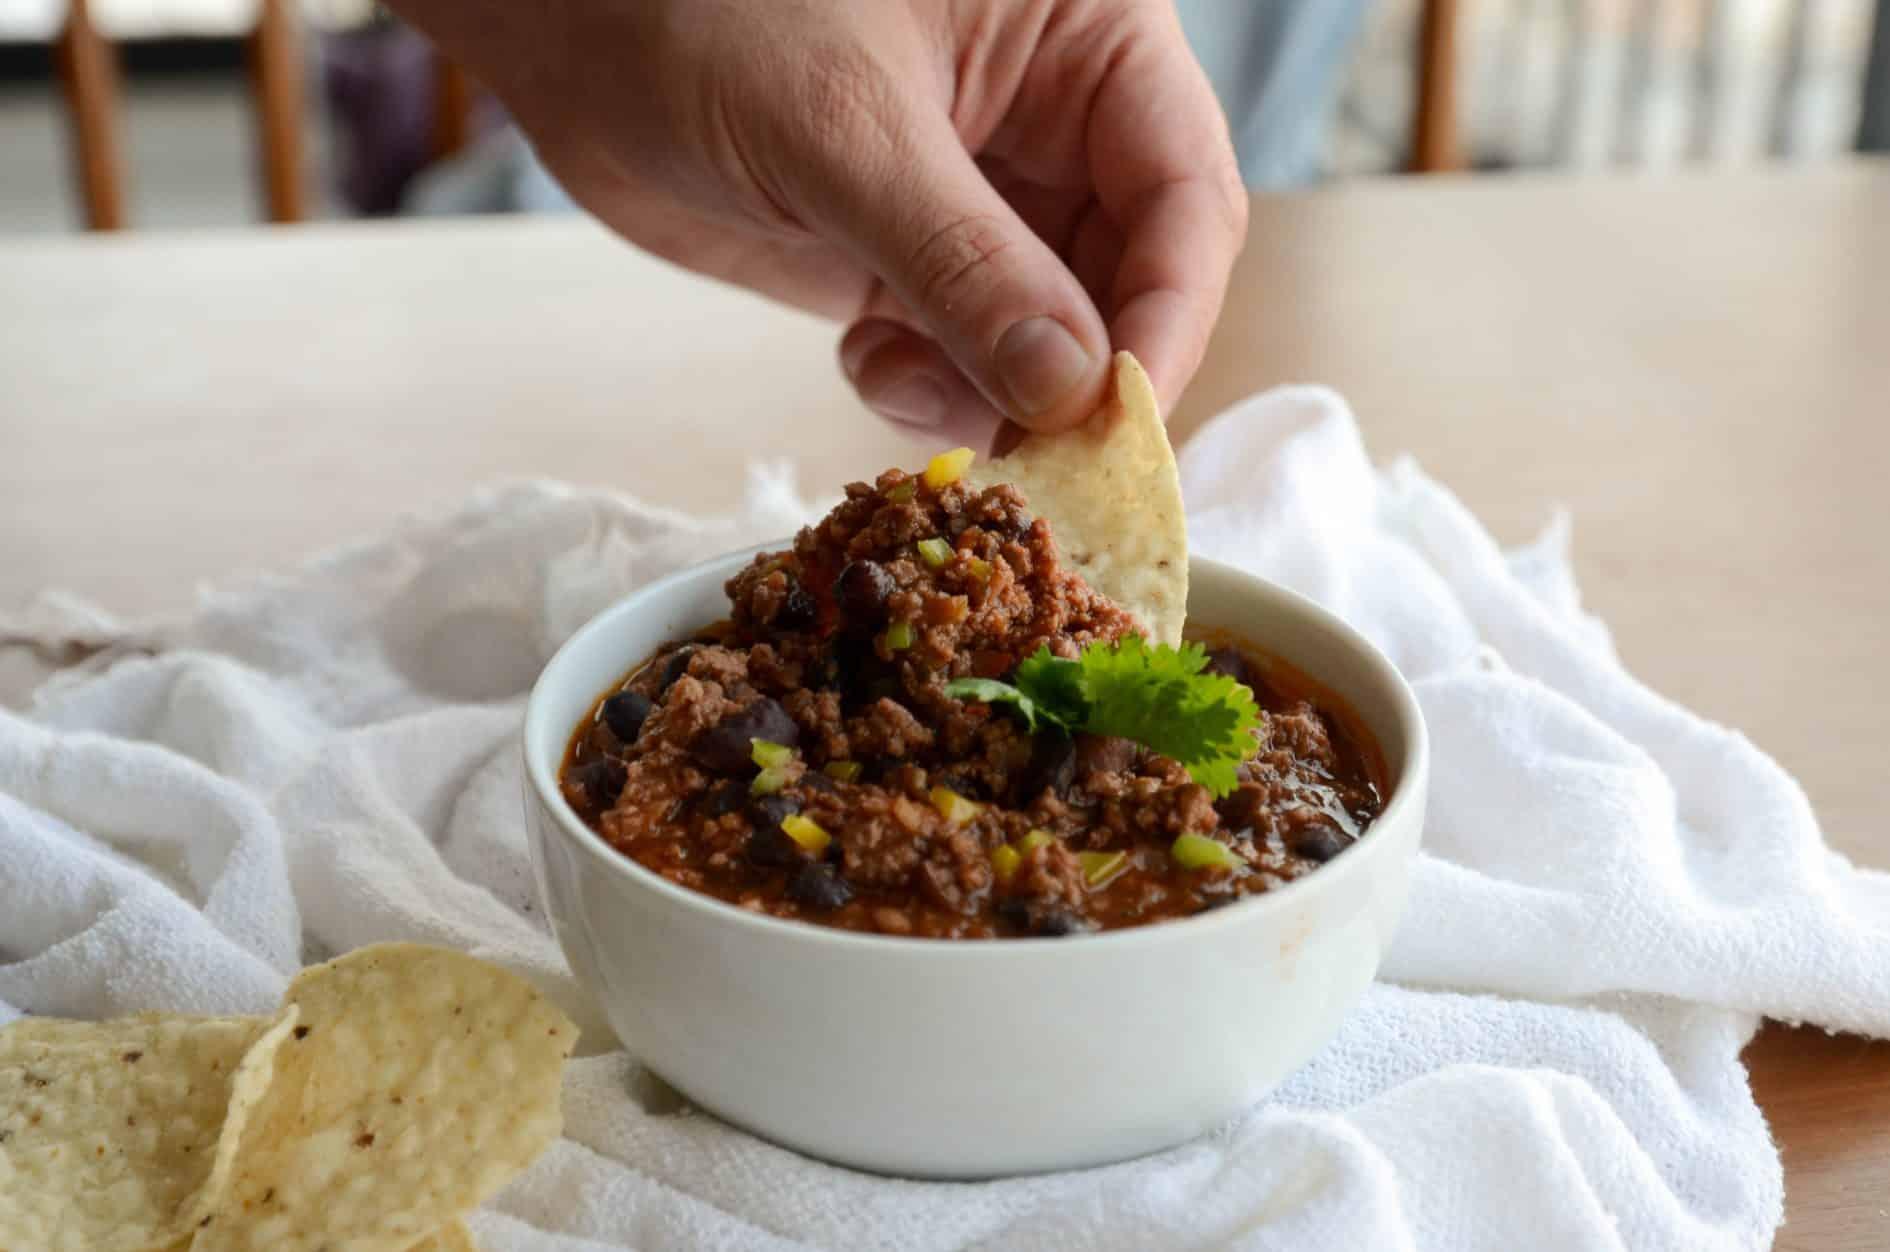 receita de chili beans com feijão preto